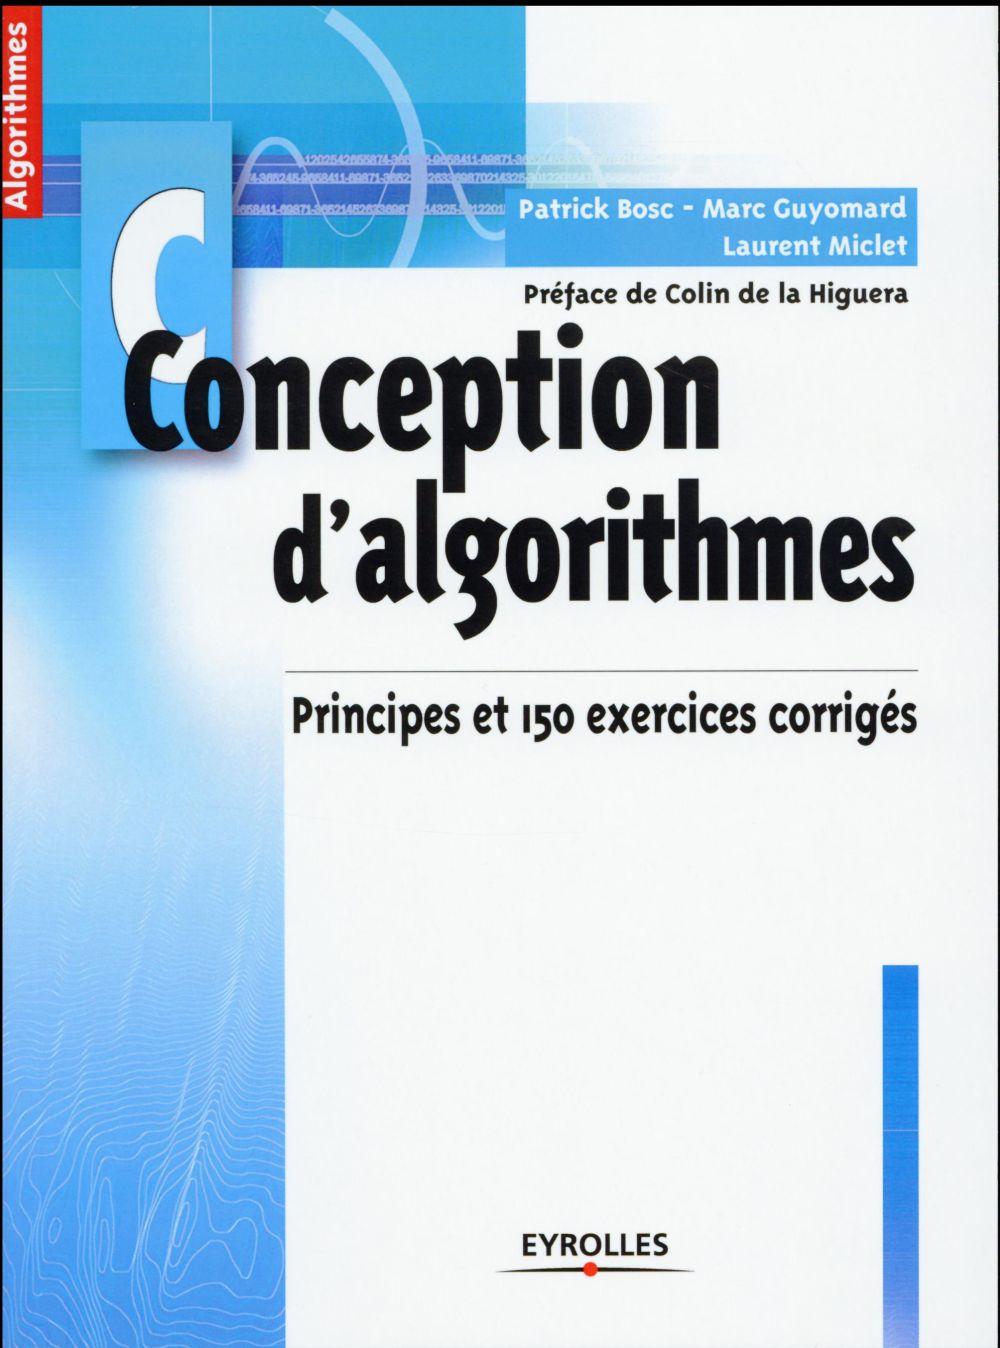 Conception d'algorithmes ; principes et 150 exercices corrigés